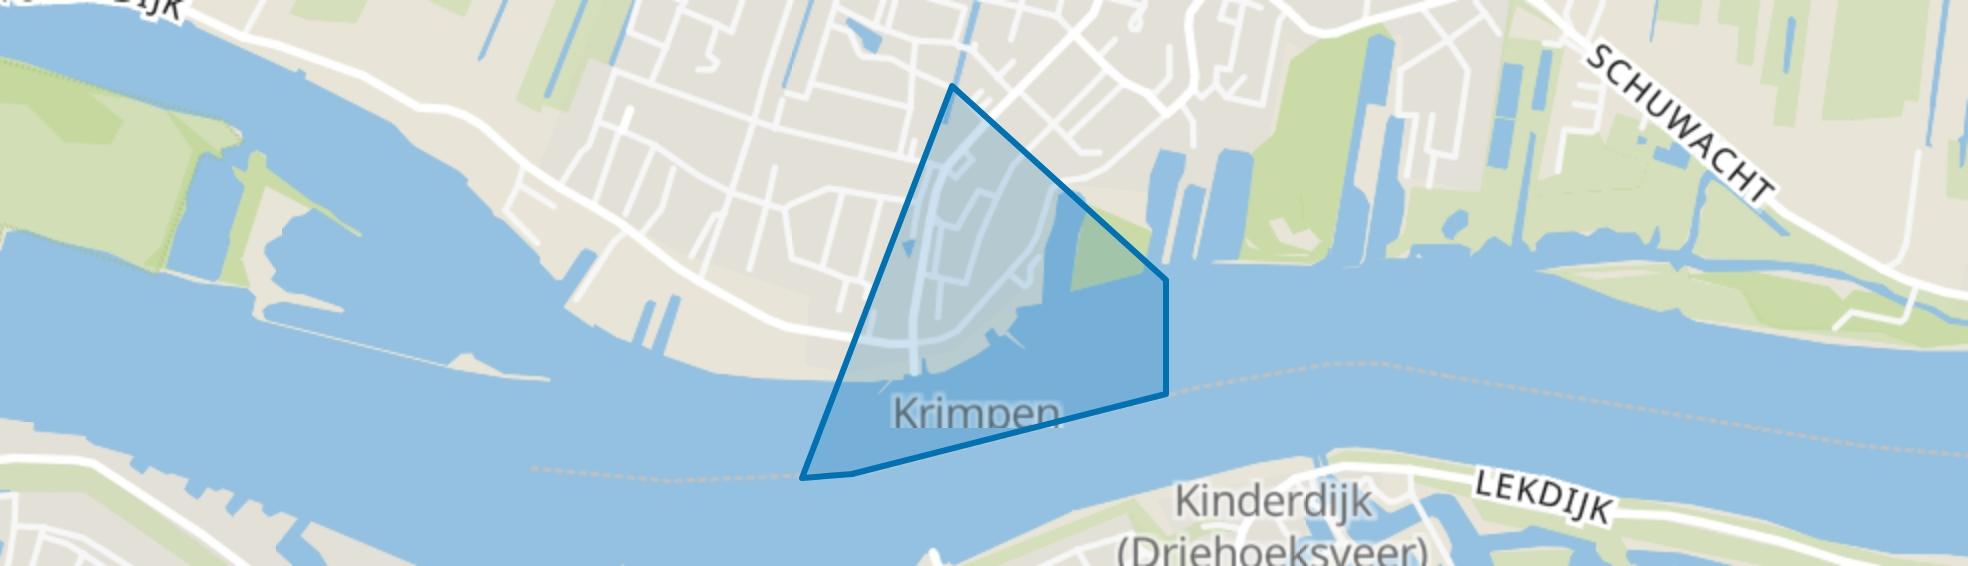 Krimpen Centrum, Krimpen aan de Lek map